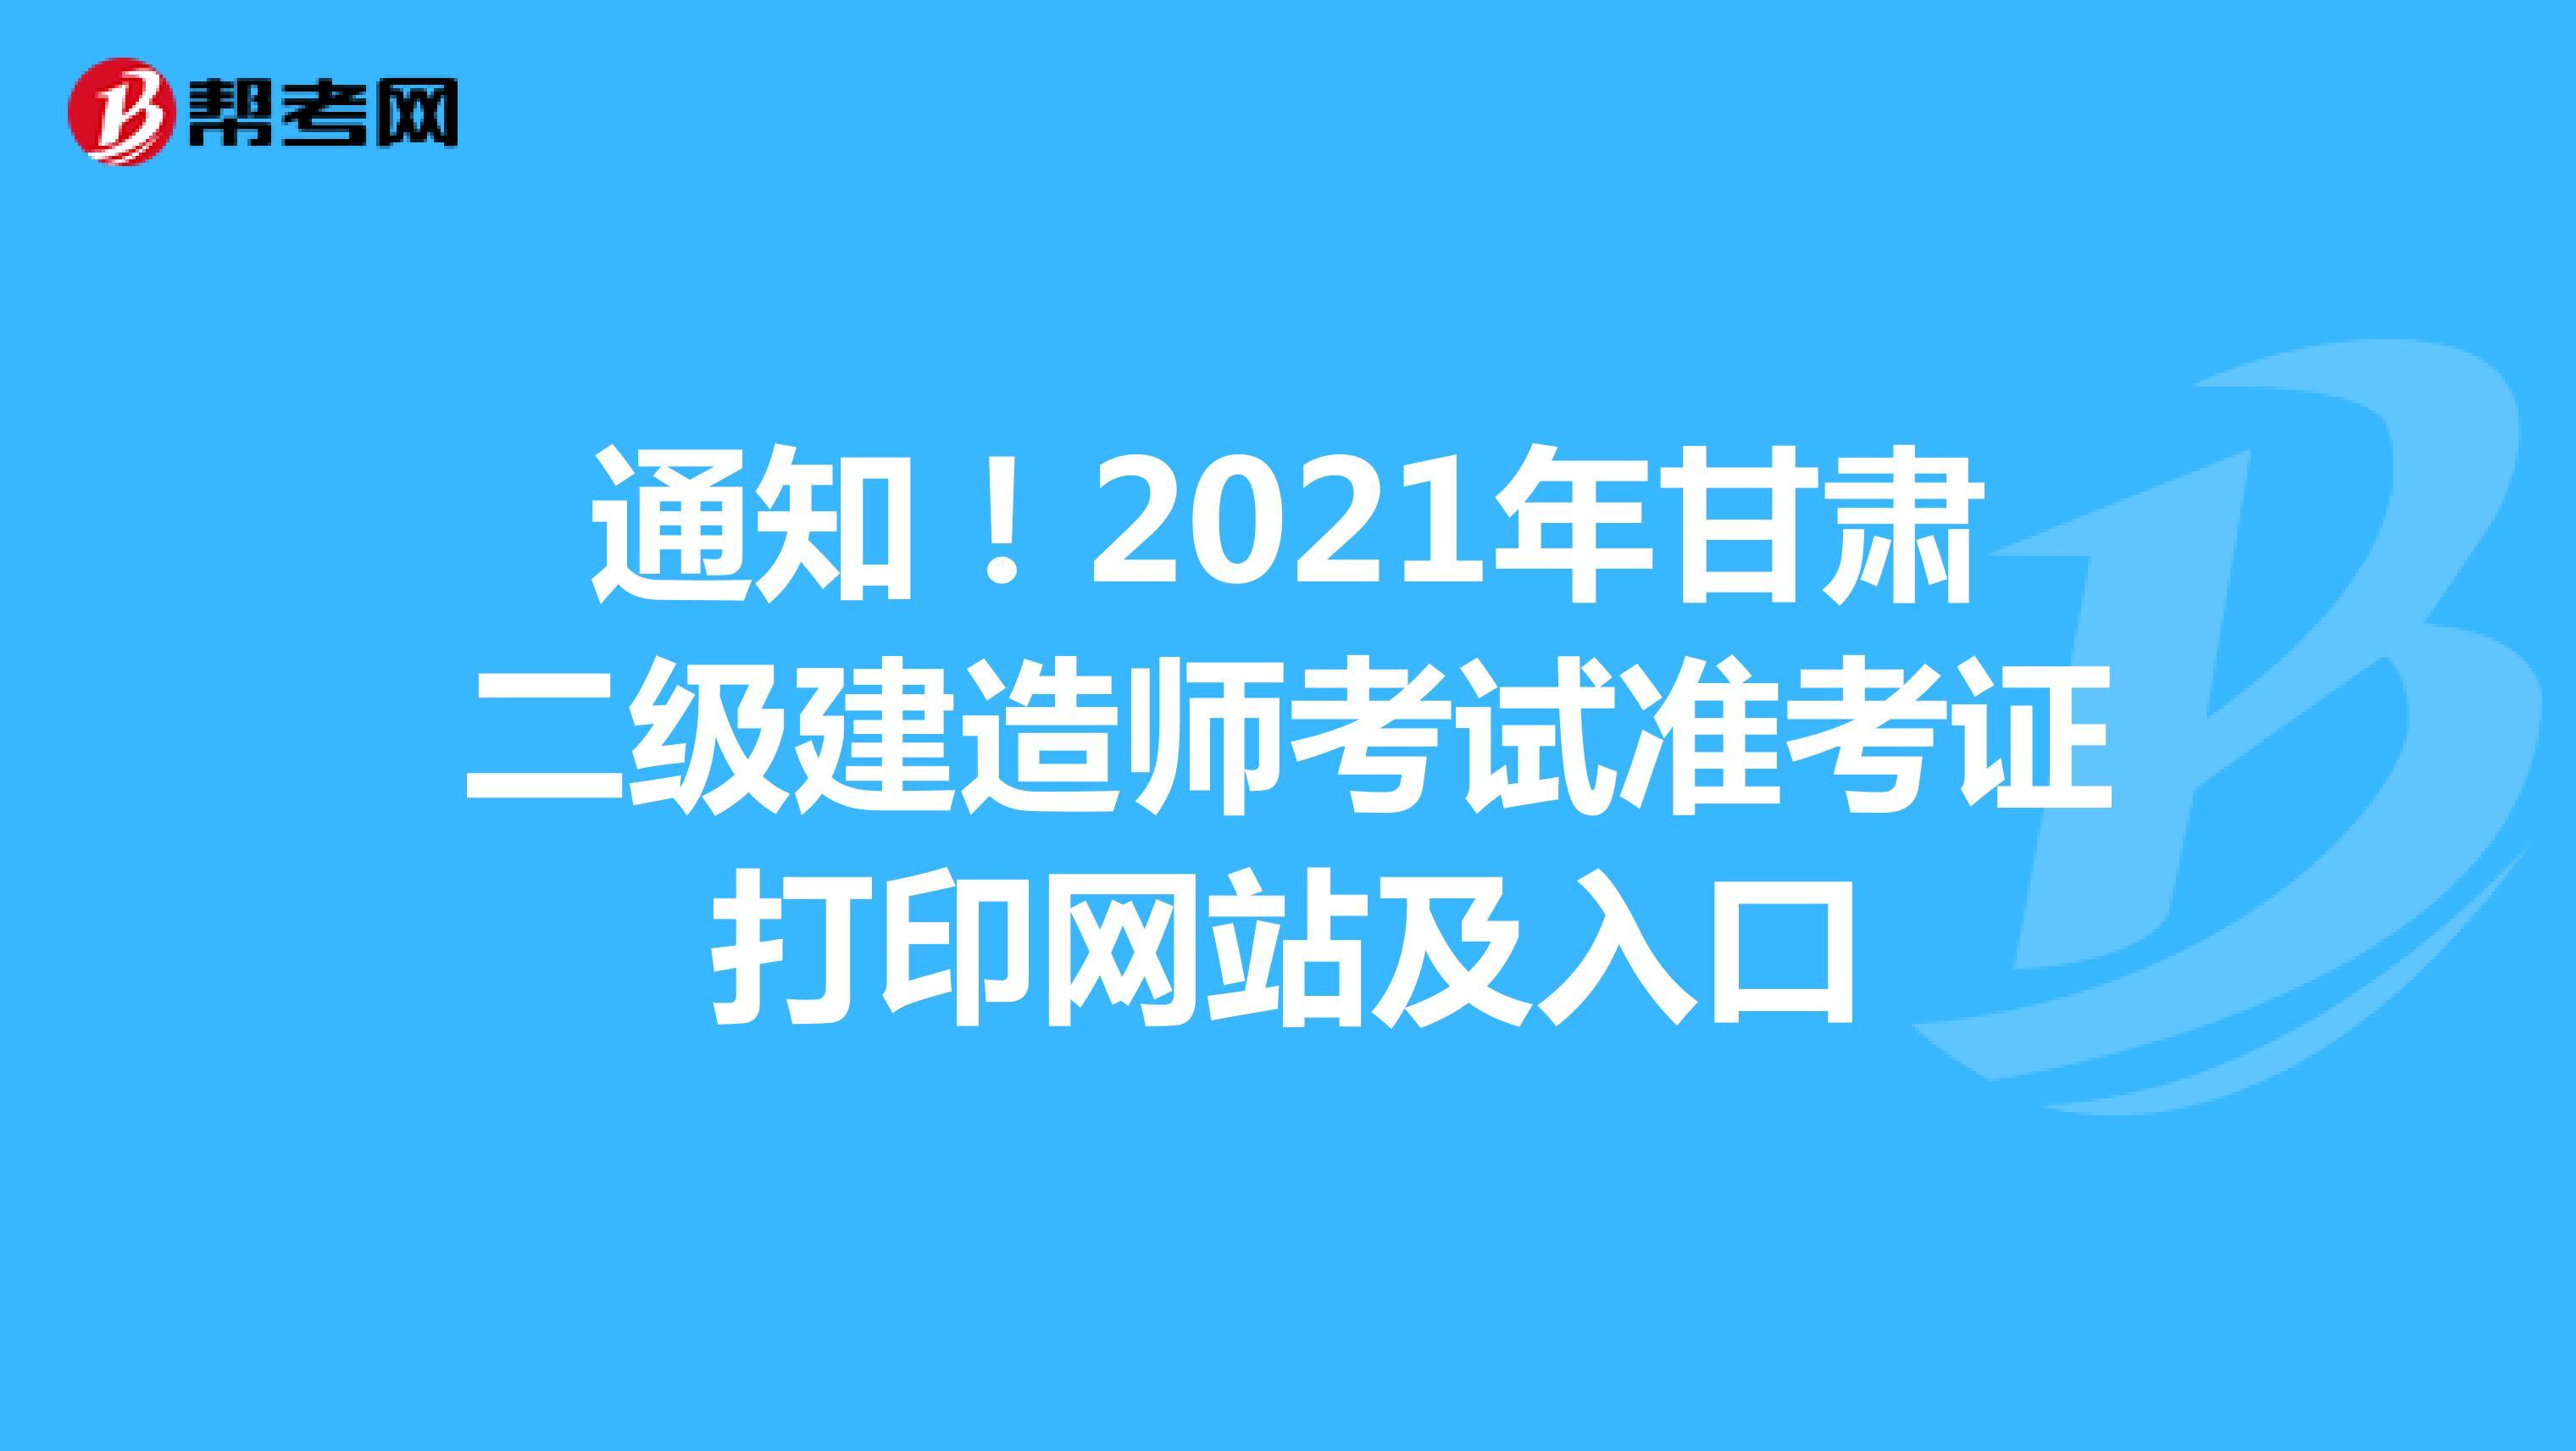 通知!2021年甘肃二级建造师考试准考证打印网站及入口